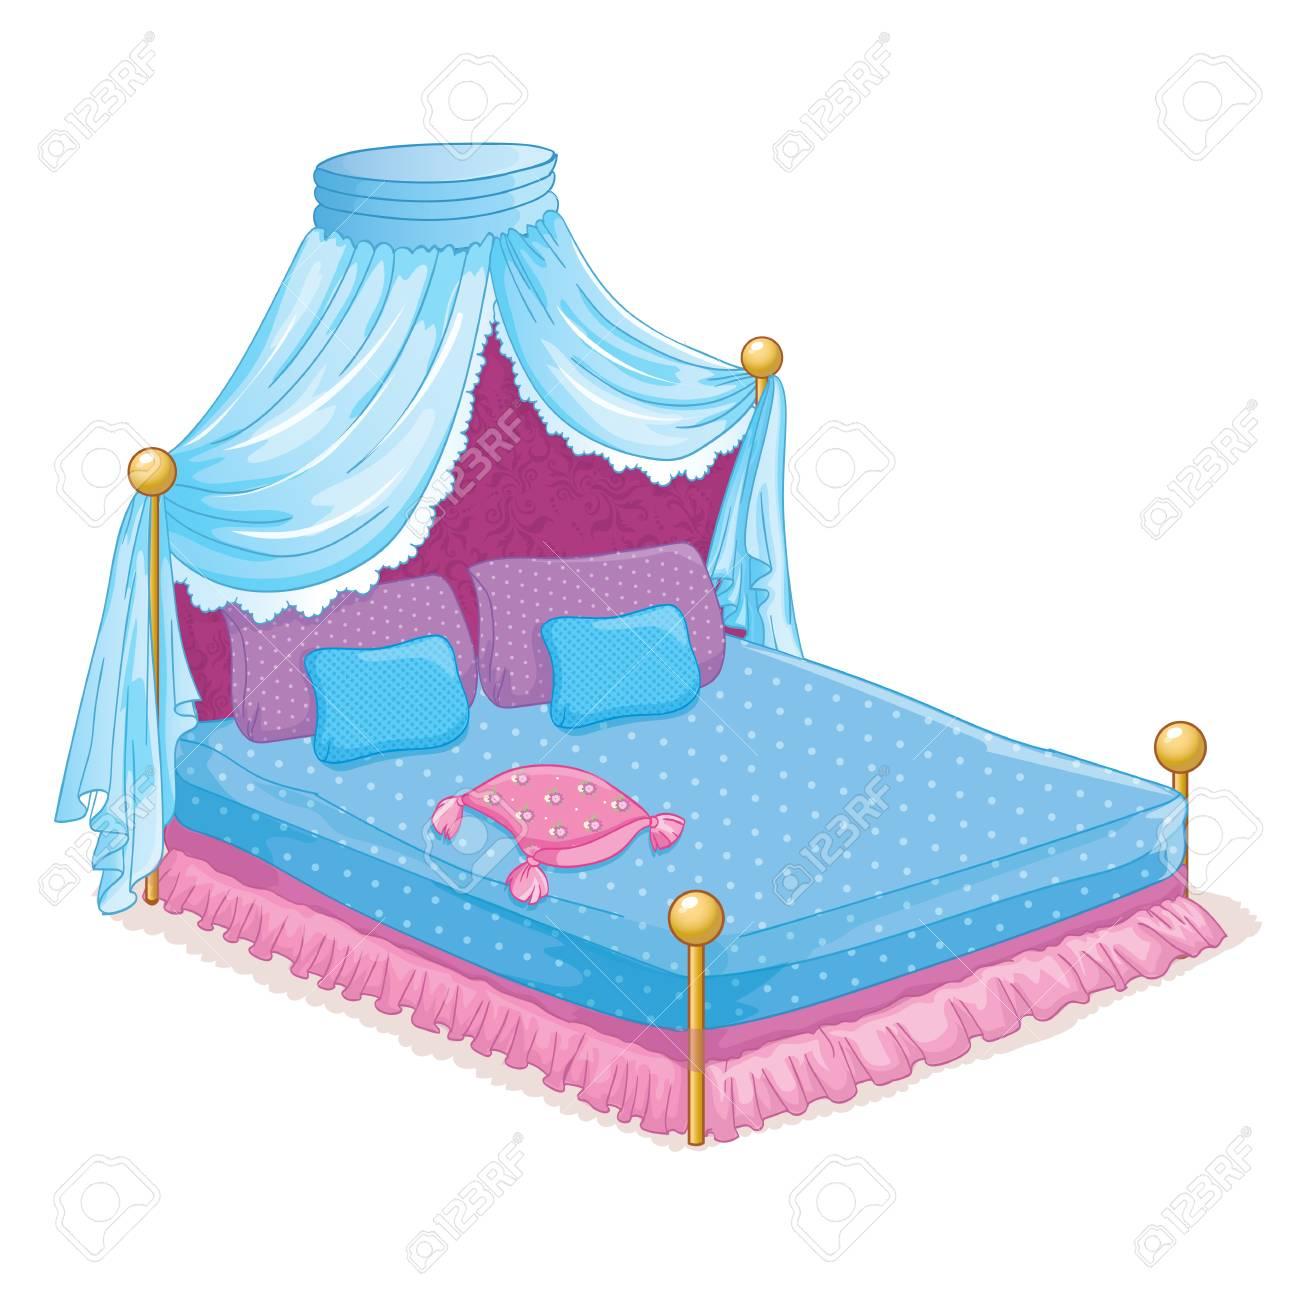 Standard Bild   Vektor Illustration Der Schönen Prinzessin Bett Mit  Baldachin